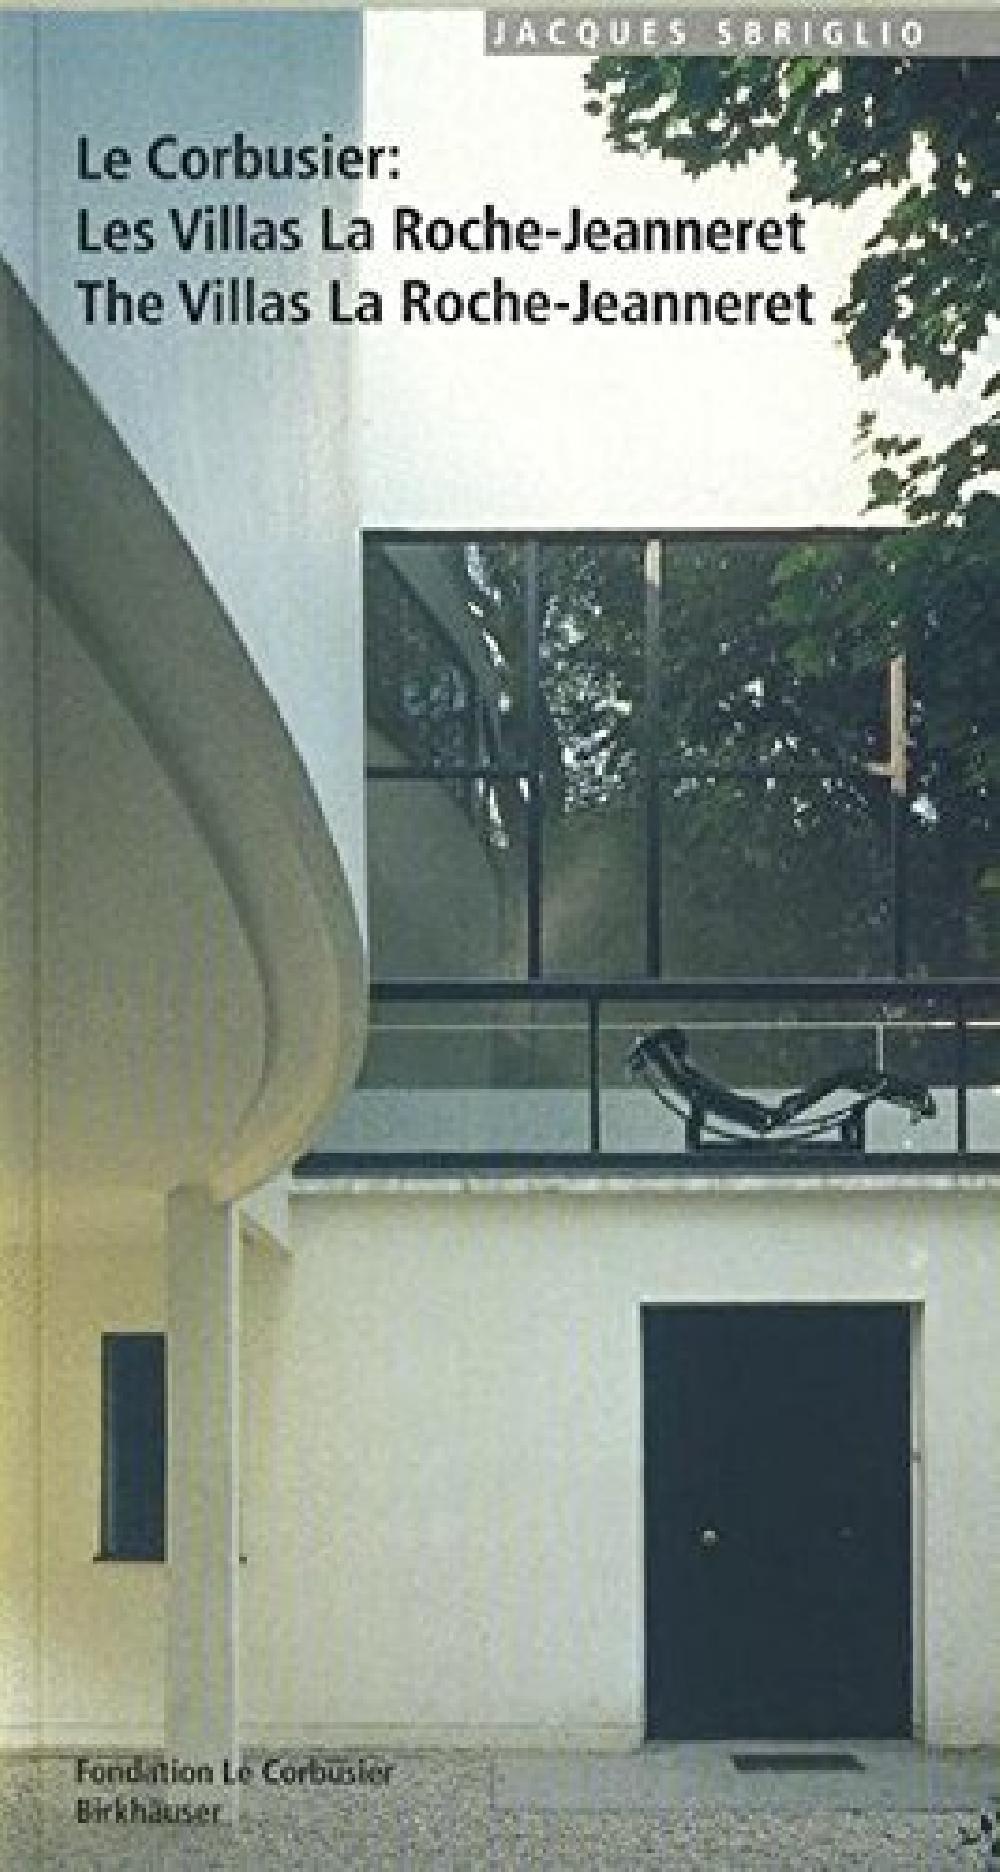 Le Corbusier: Les villas La Roche- eanneret / The villas La Roche-Jeanneret